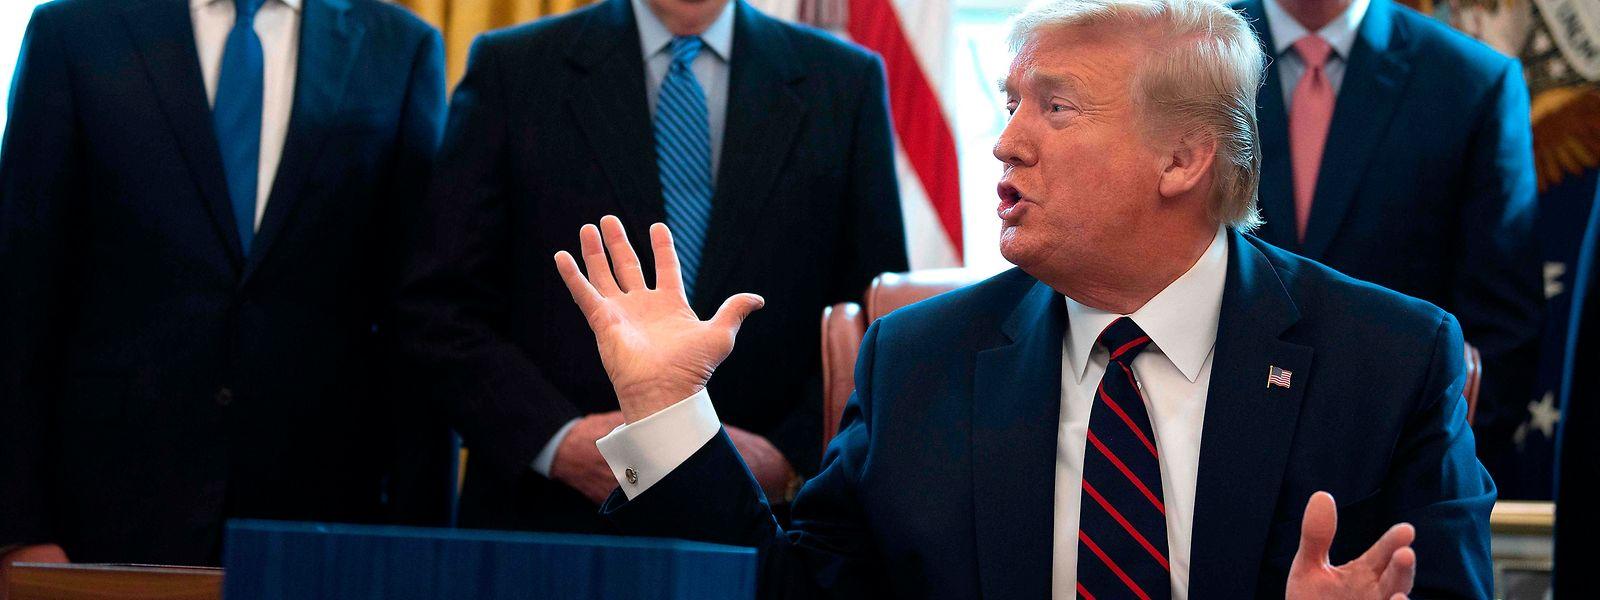 Le président Donald Trump a été accusé de minimiser la gravité de l'épidémie